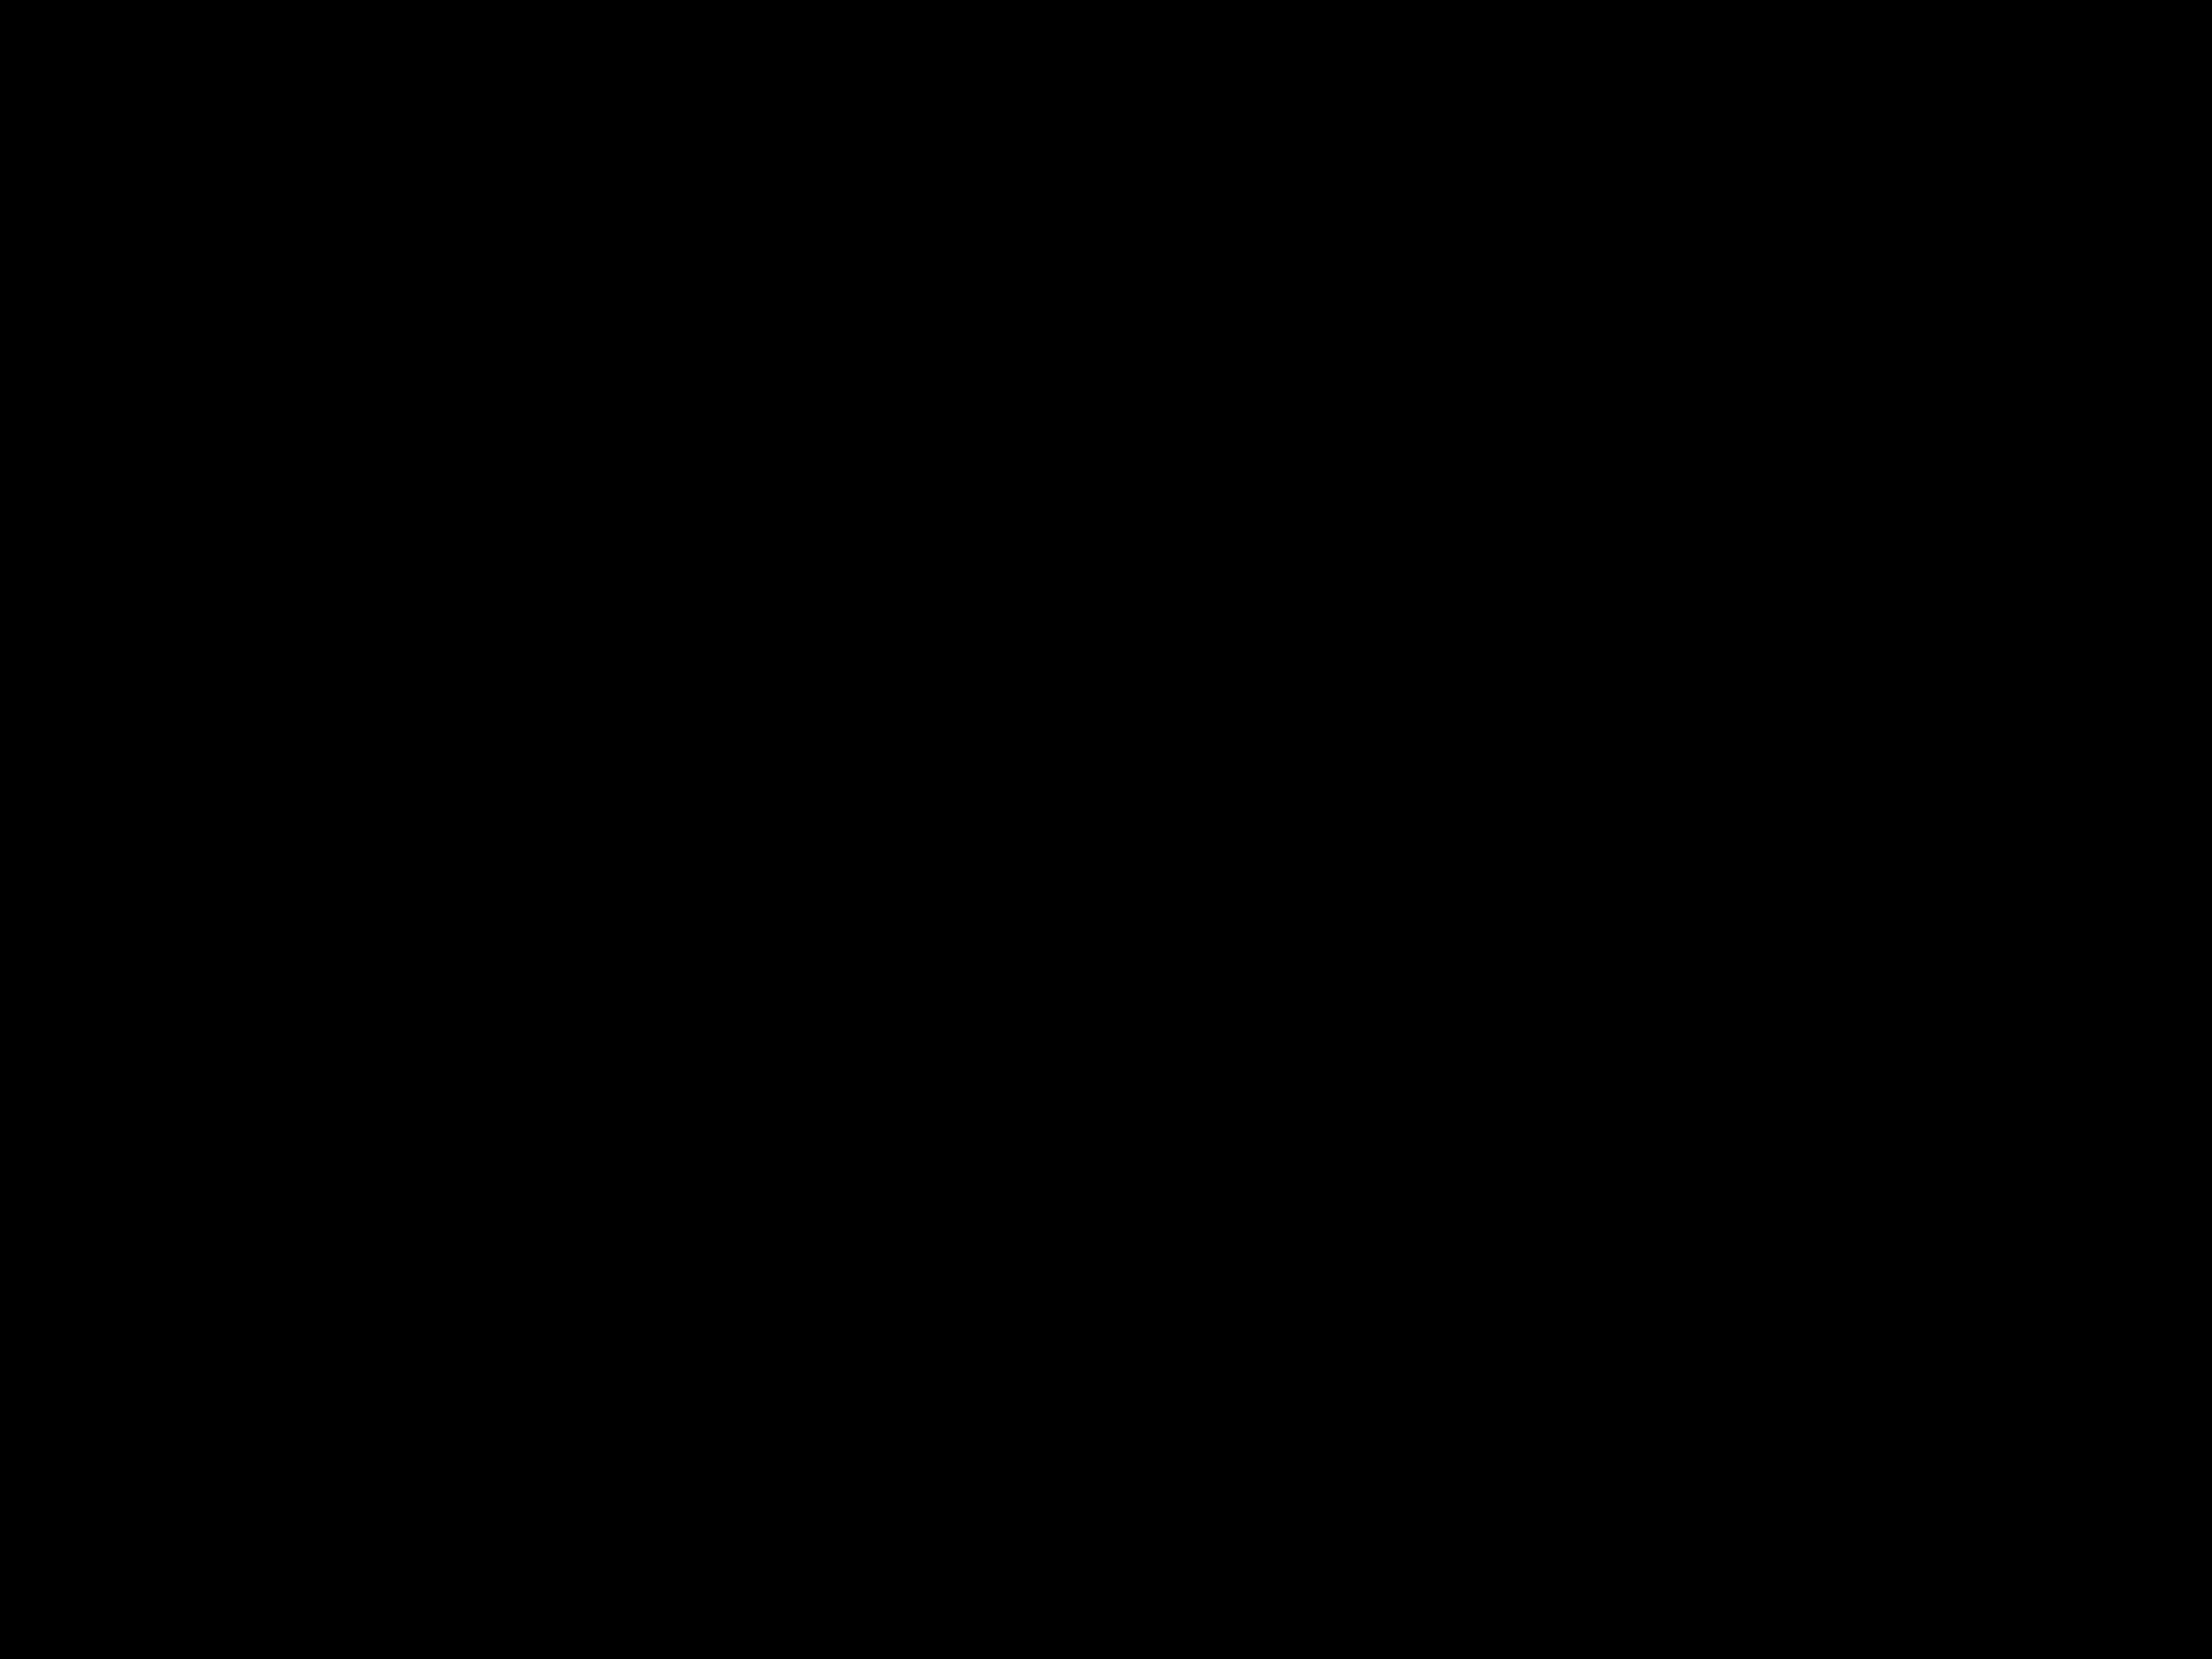 Malvorlagen Fruchte Kostenlos Coloring And Malvorlagan